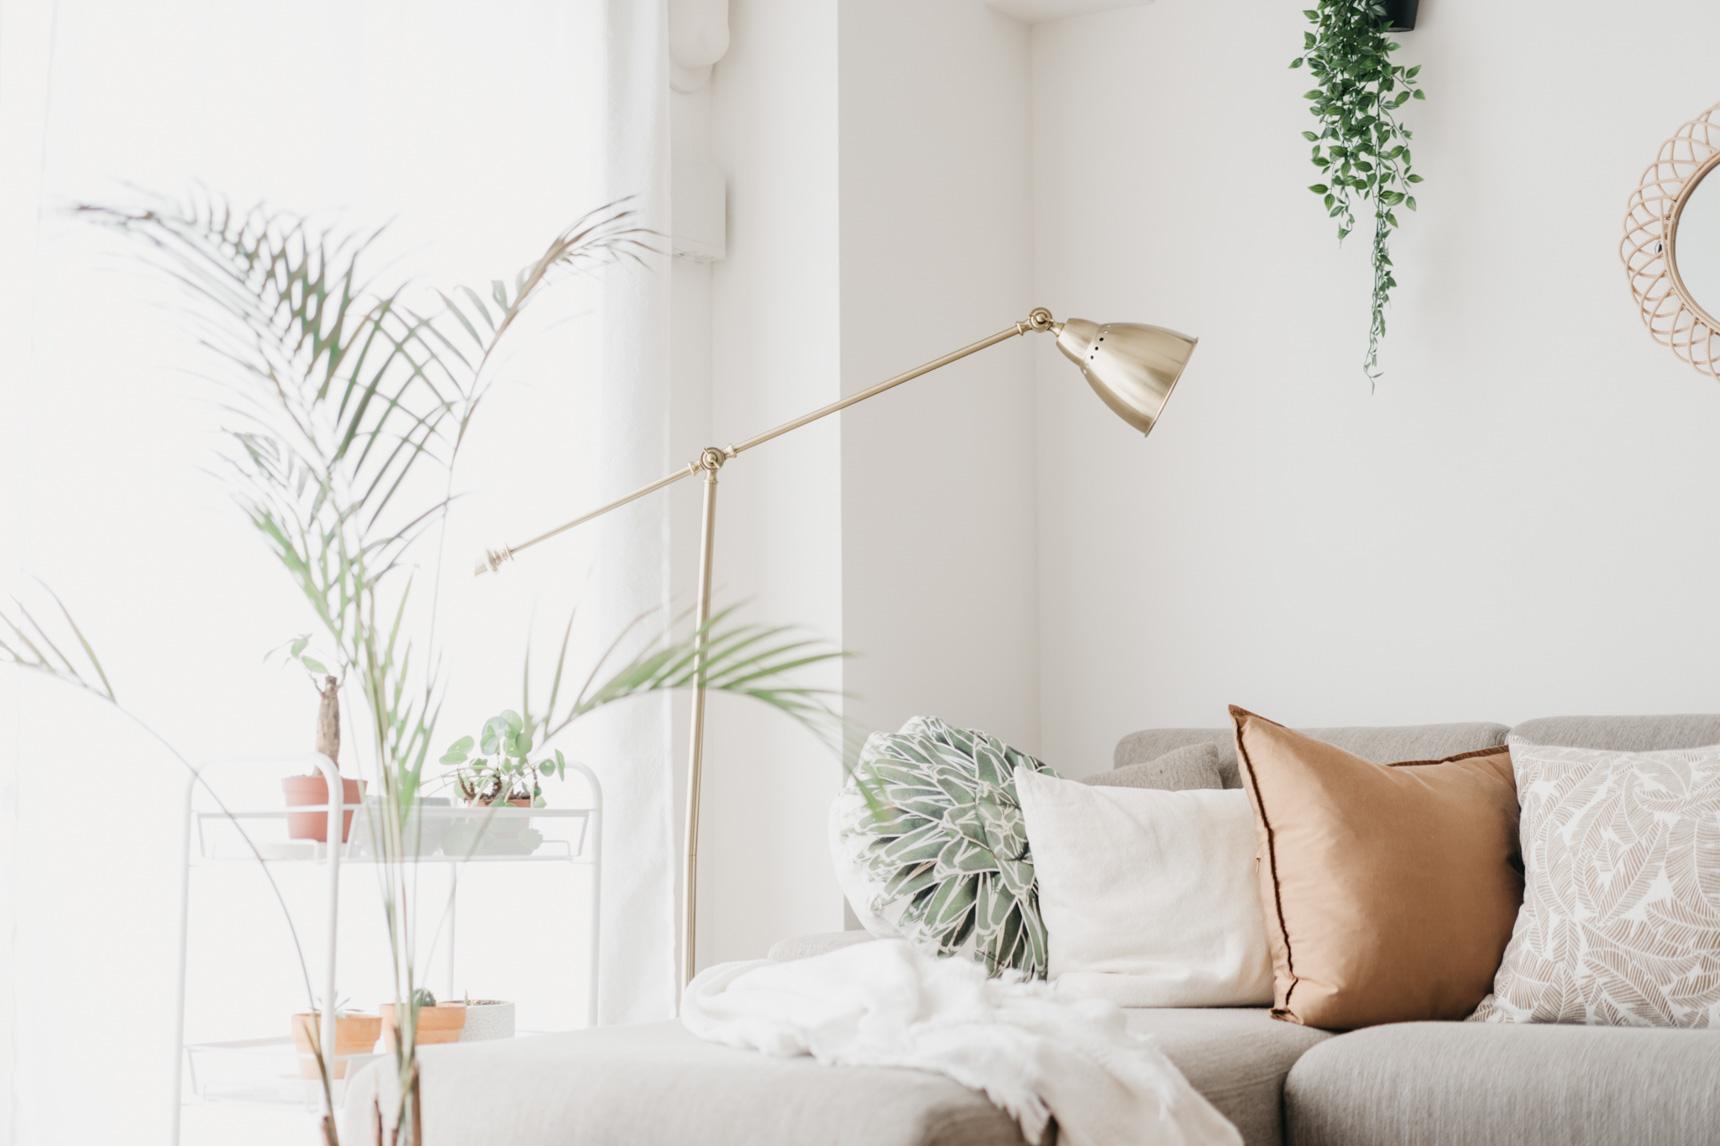 ゴールドで細身のデザインがお部屋全体のイメージとよく合っています。フロア置き型タイプの照明はサイズも大きくなりがちなので、部屋のテイストと合わせて形や色を選ぶことが大事なのですね。(このお部屋をもっと見る)